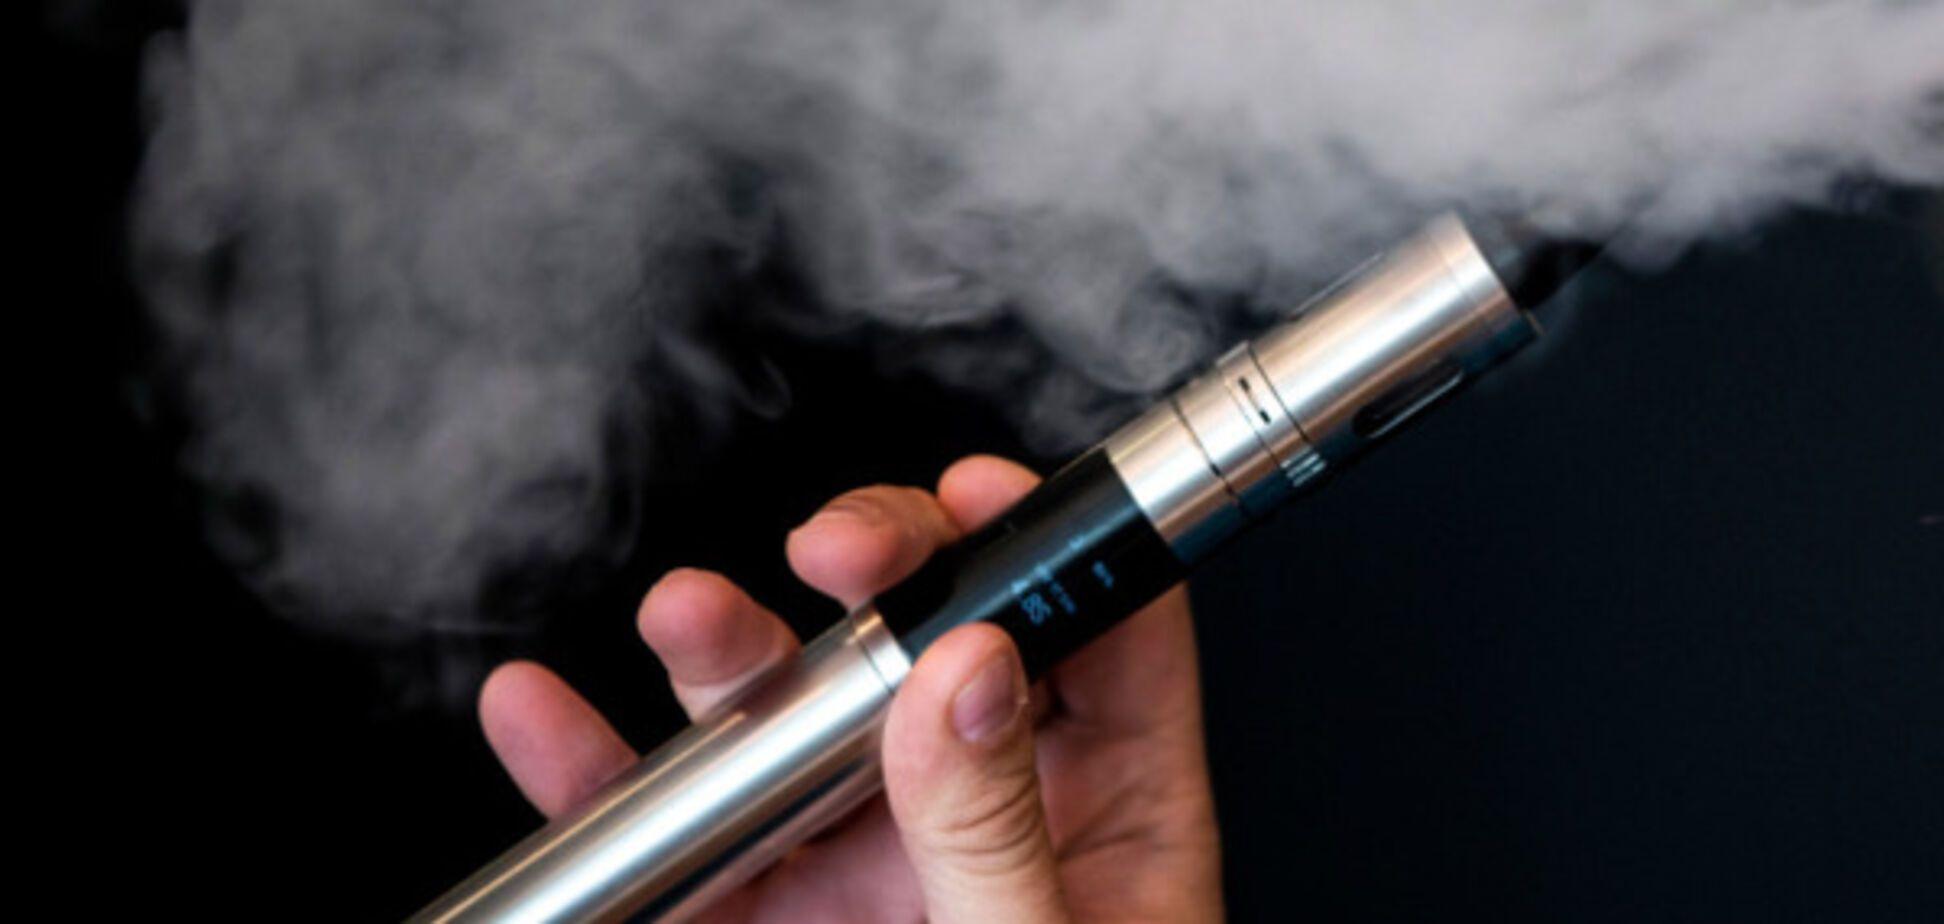 В Киеве из-за взрыва электронной сигареты пострадал подросток